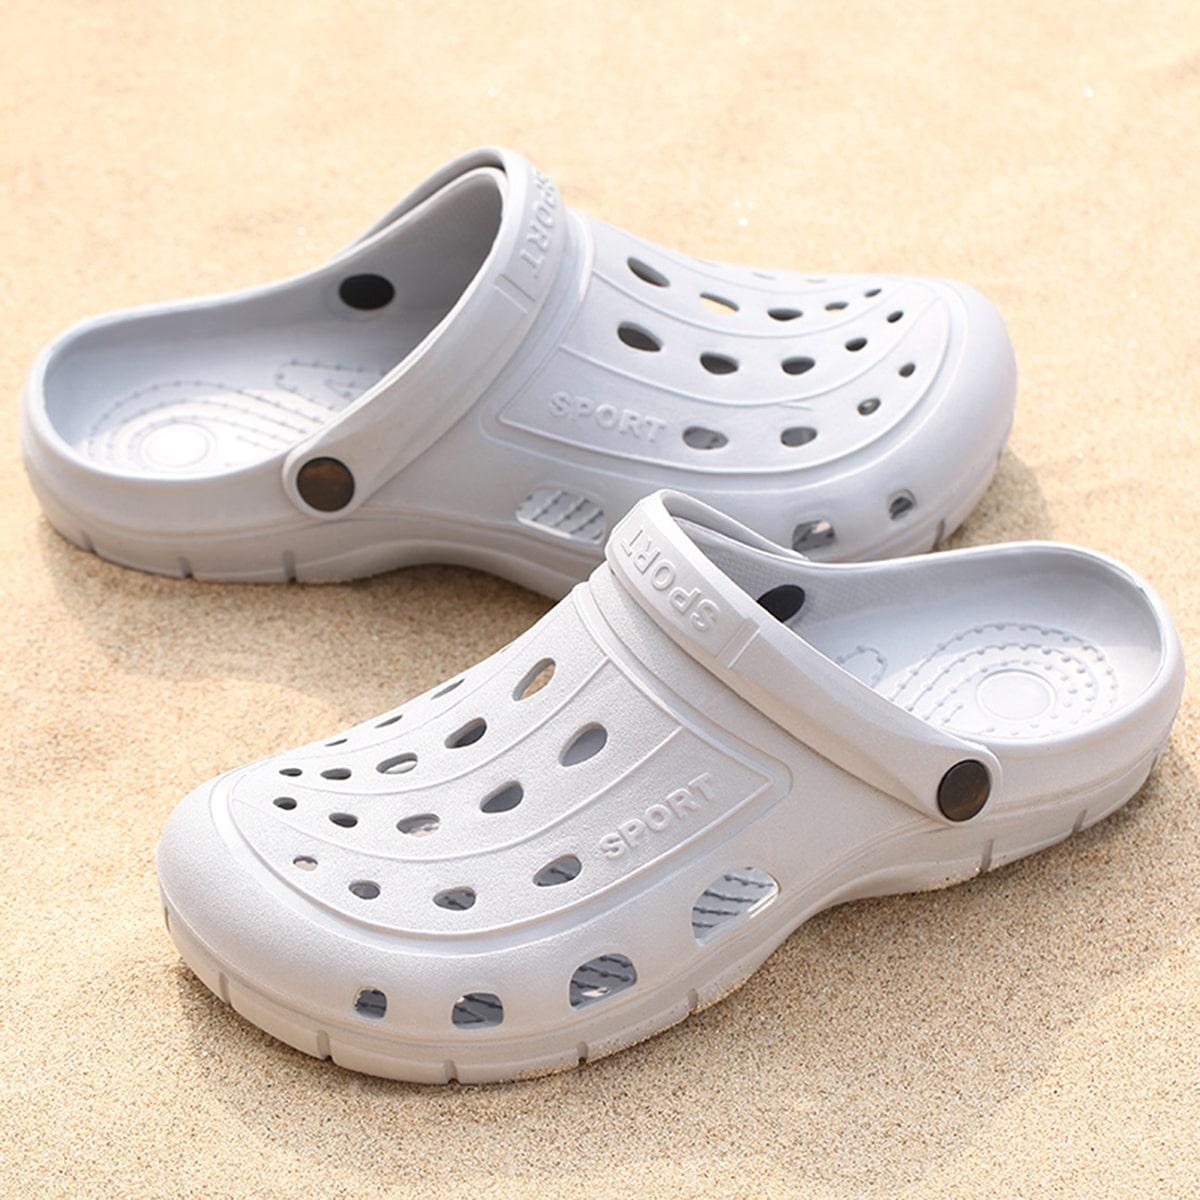 Heren Uitglijden Slip On Sandals